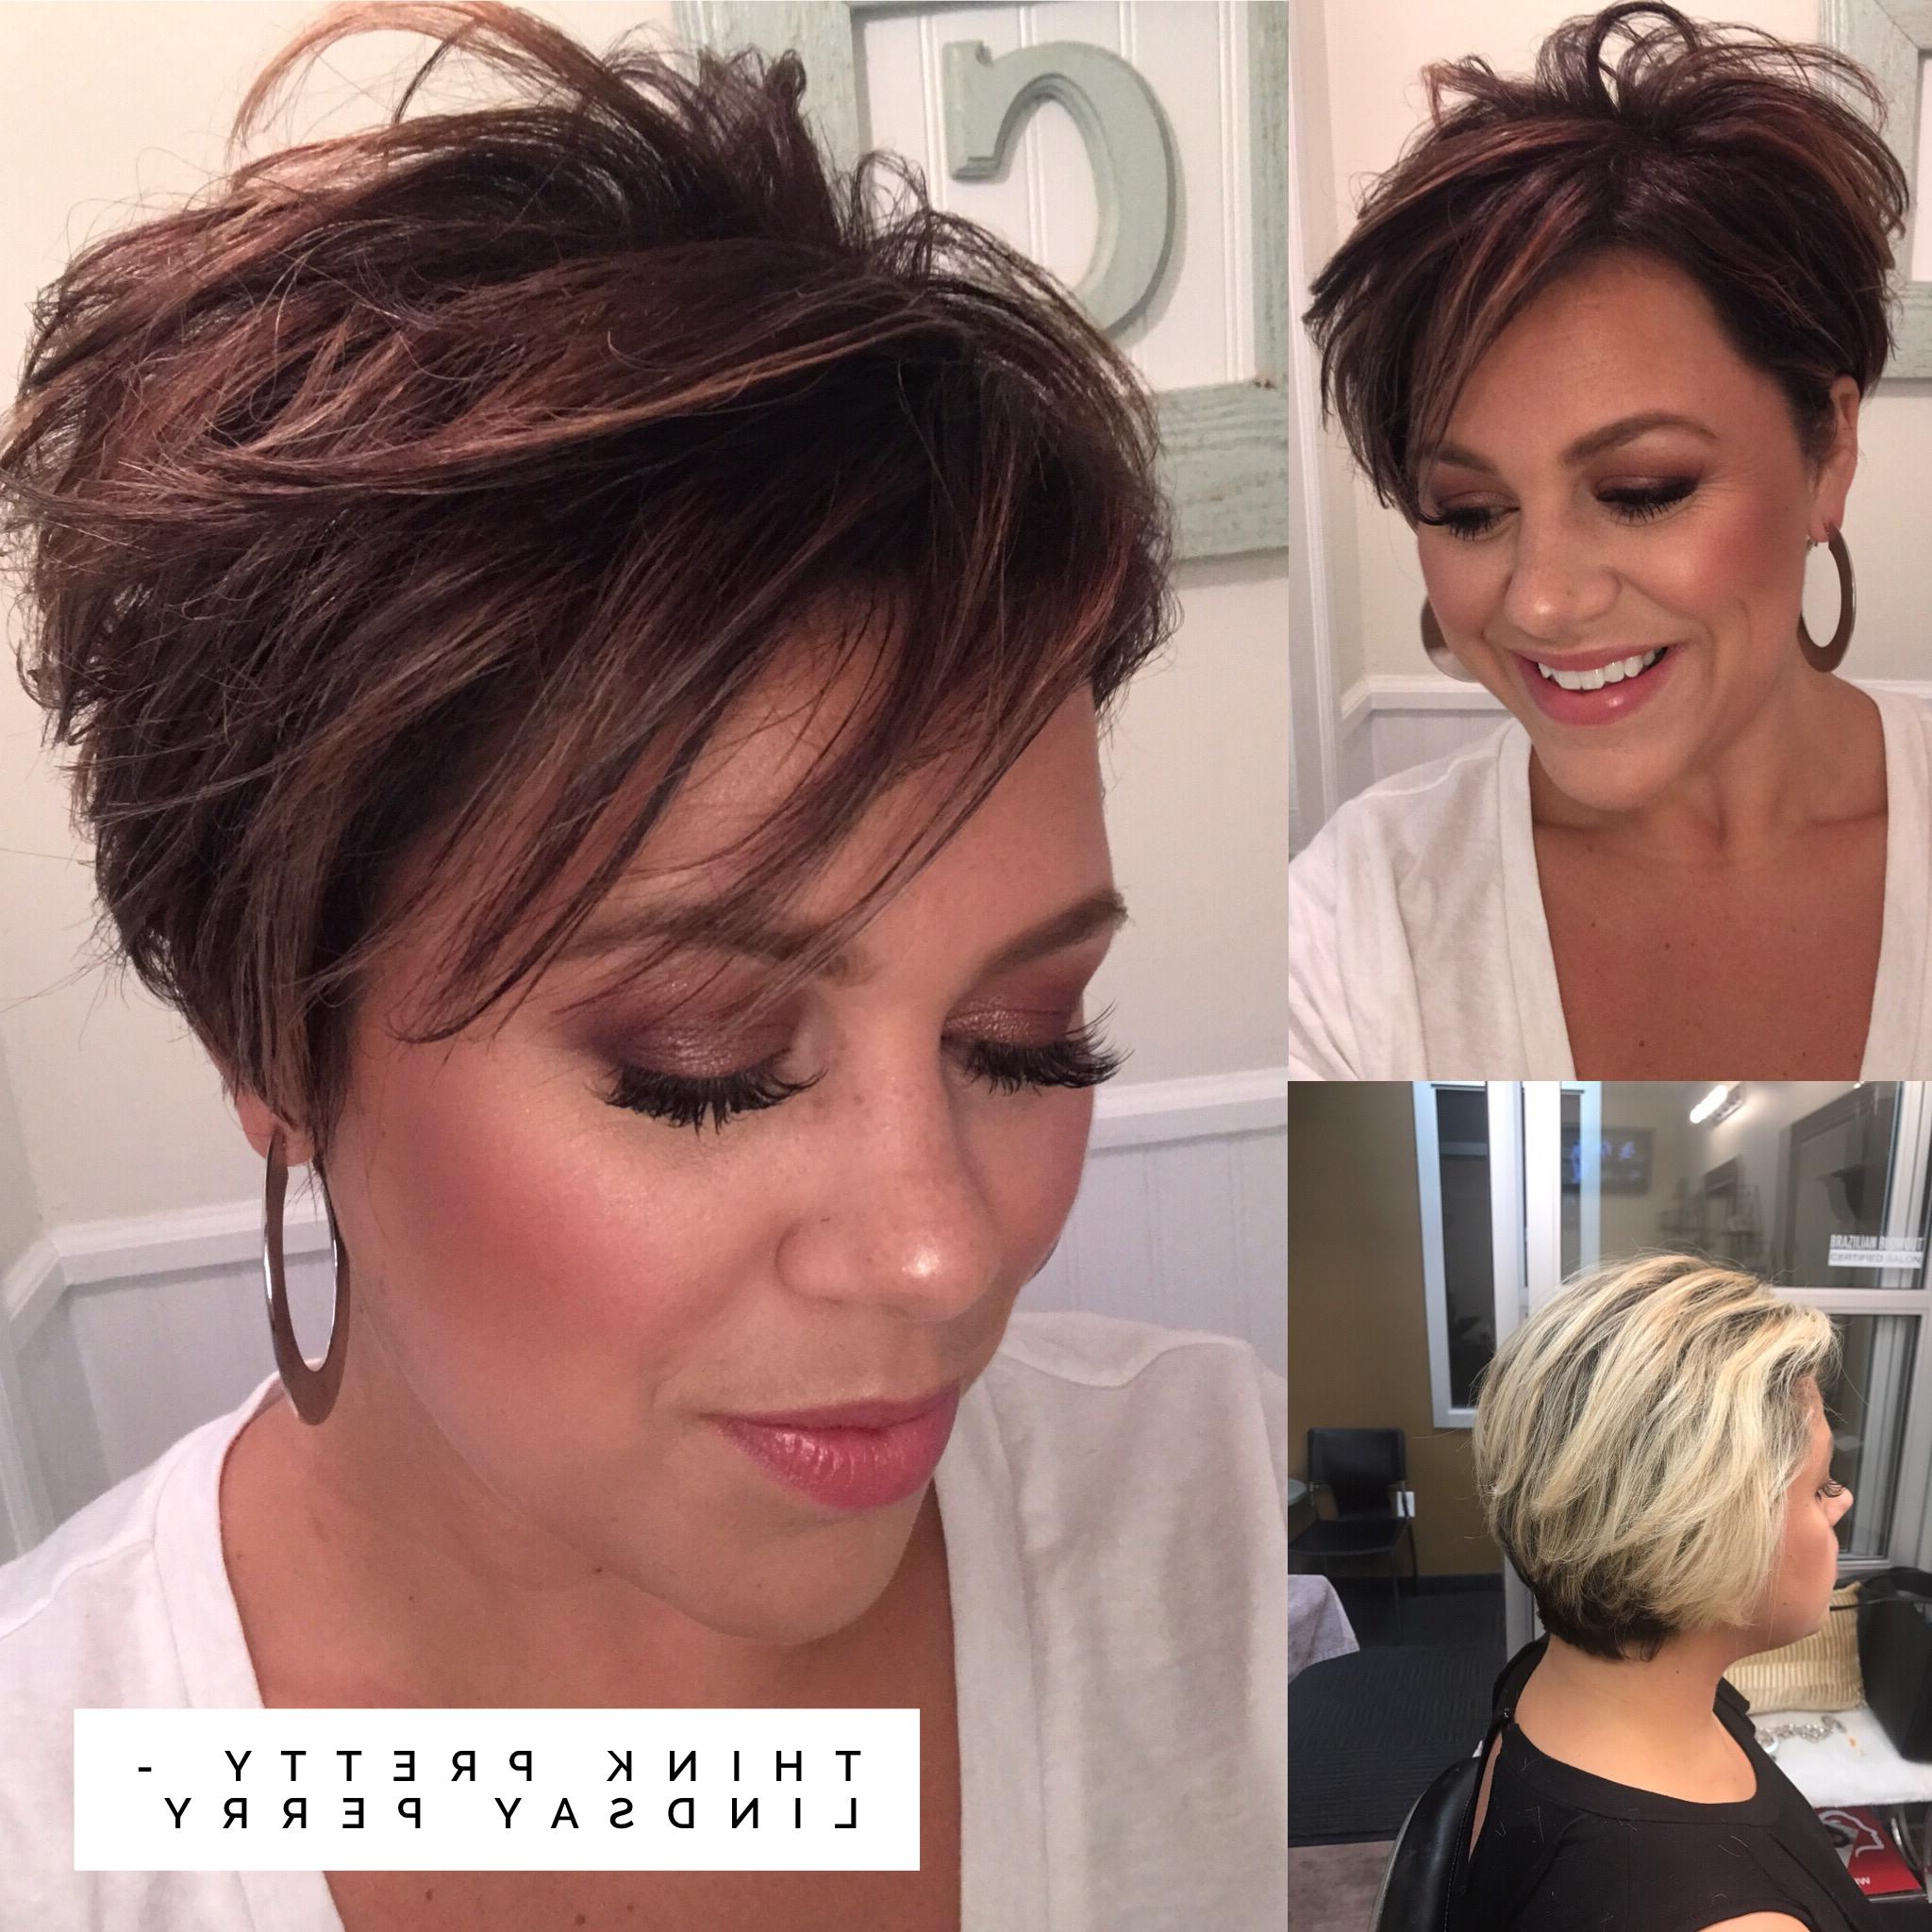 Fall Hair, Short Hair, Pixie Haircut, Pixie, Short Fall Hair Inside Auburn Short Haircuts (View 17 of 25)